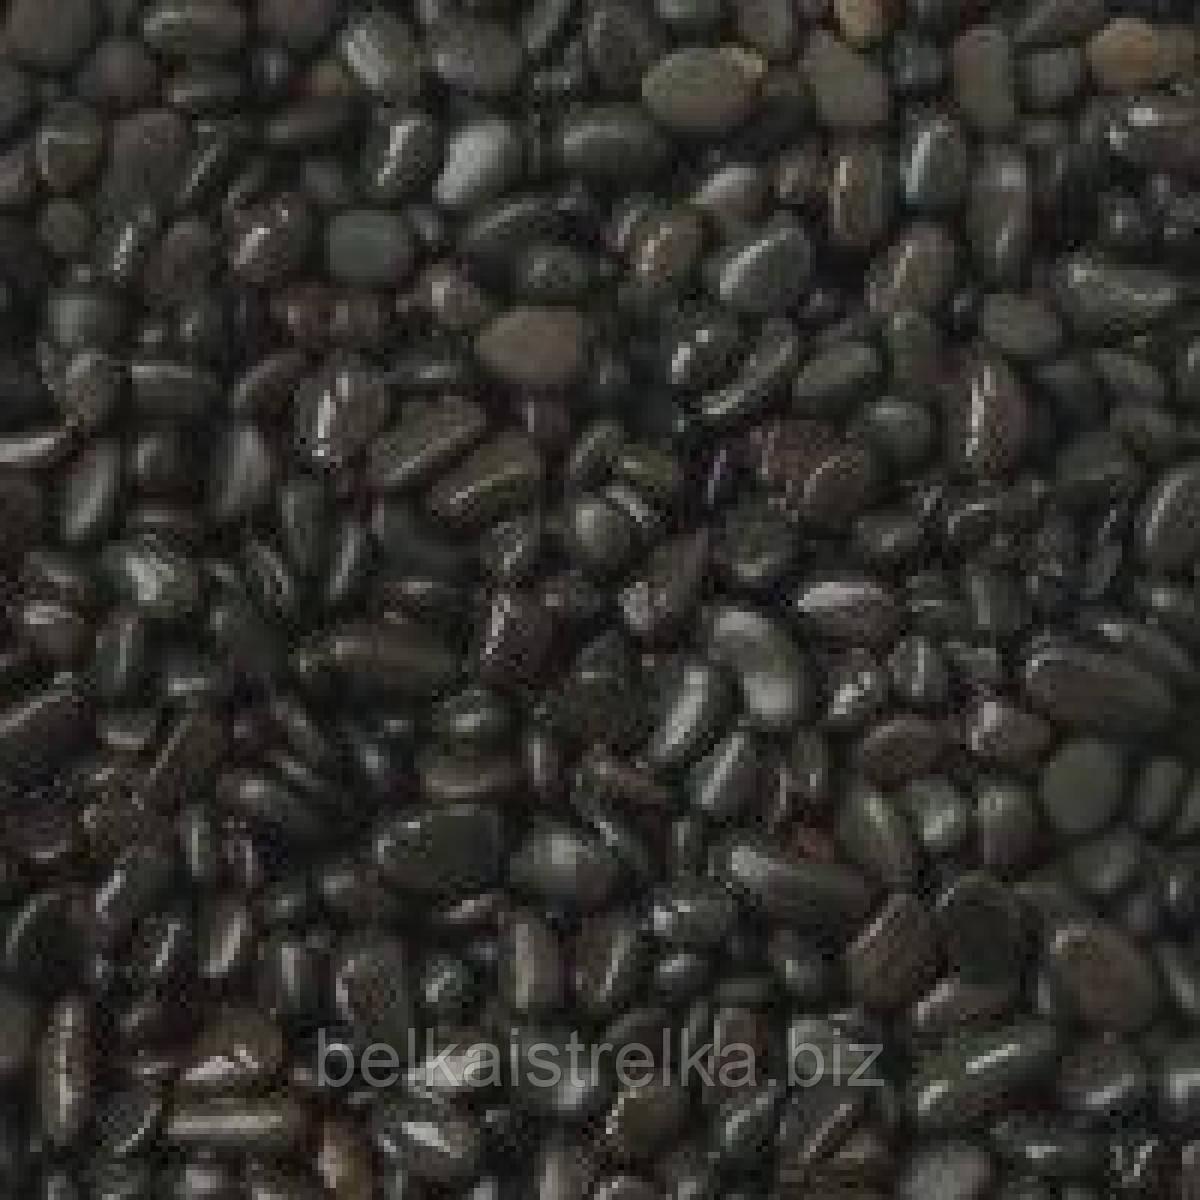 Грунт натуральный Черная галька 10-15 мм 20 кг